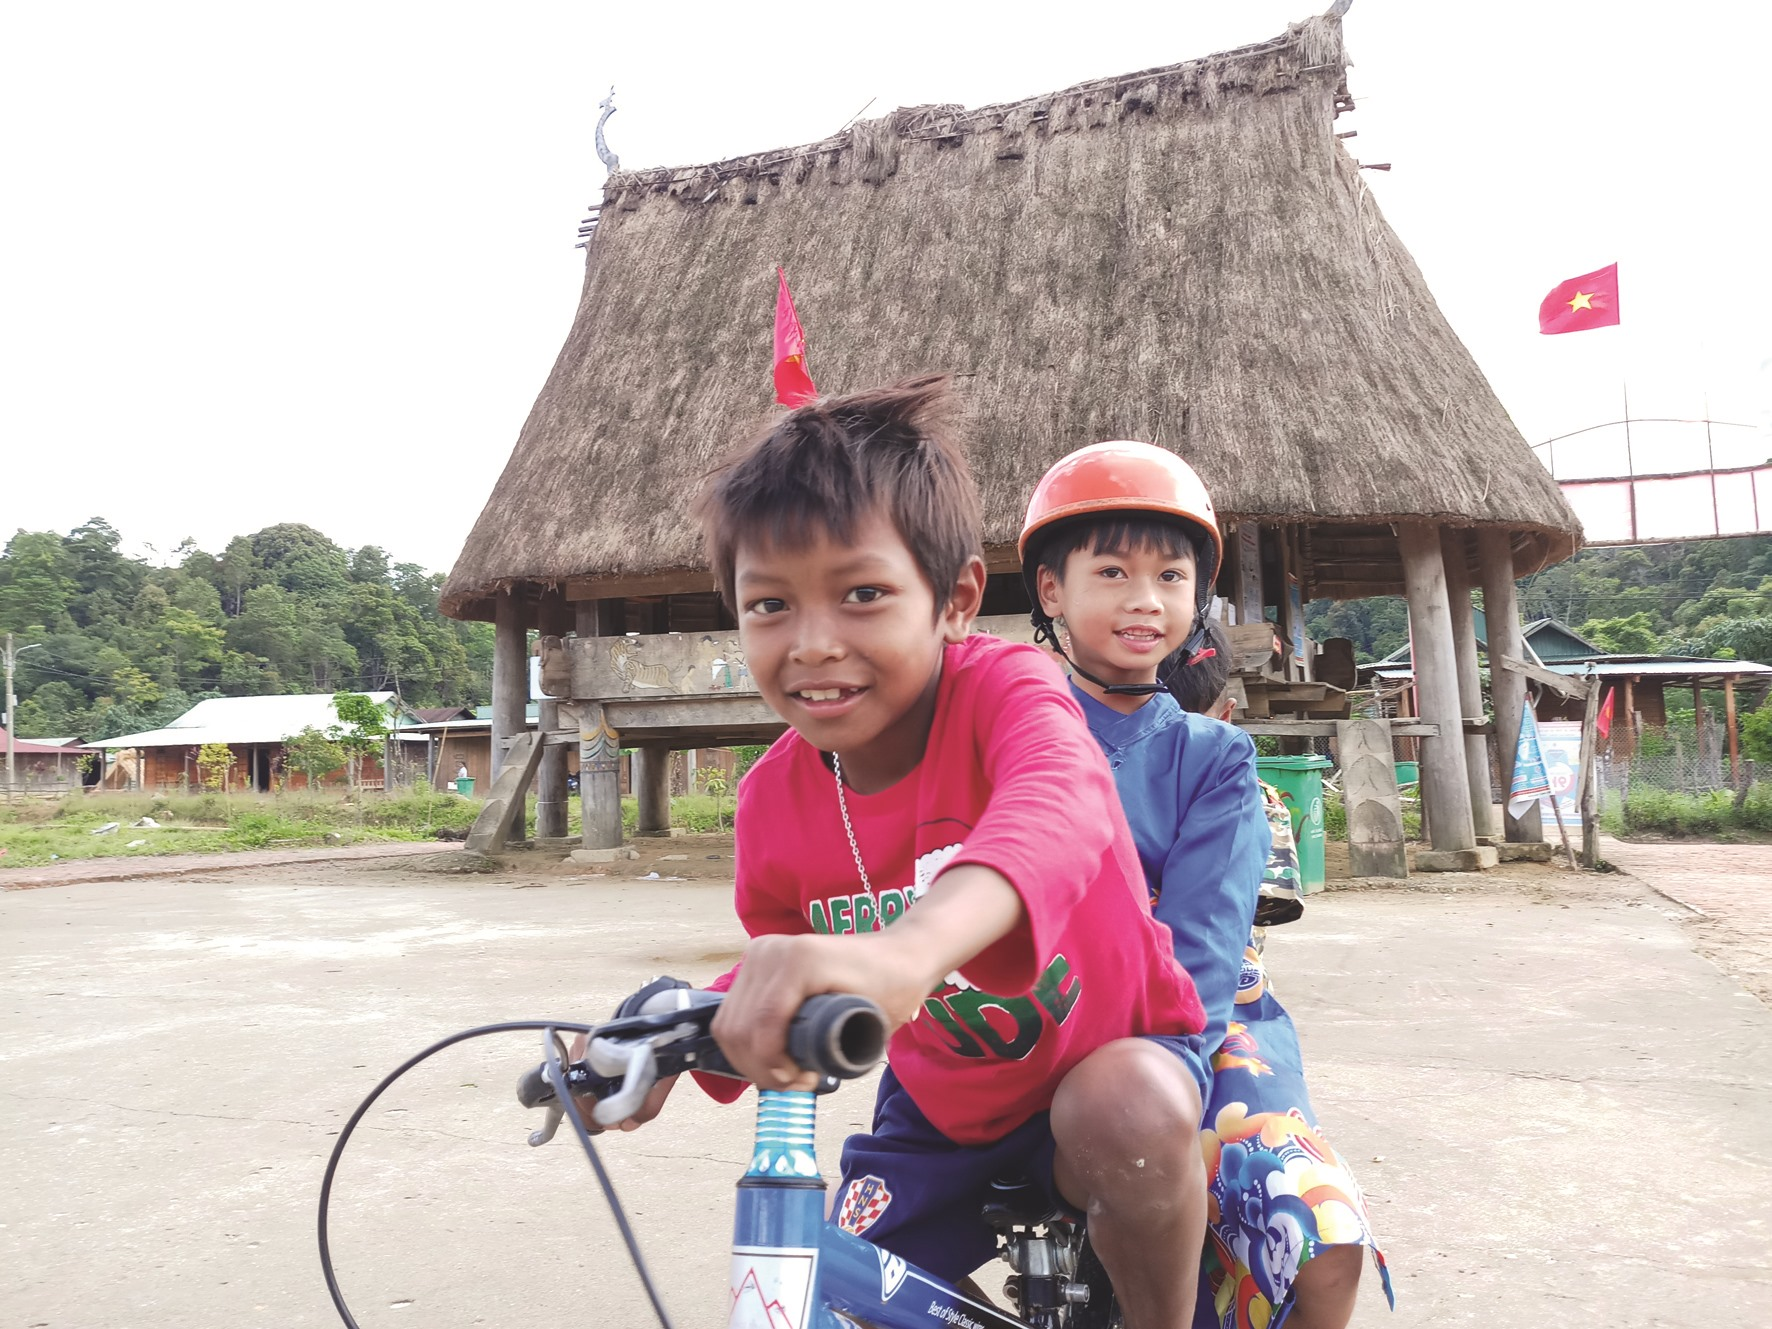 Các em nhỏ ở biên giới Tây Giang tìm niềm vui bằng những chuyến xe đạp quanh làng.